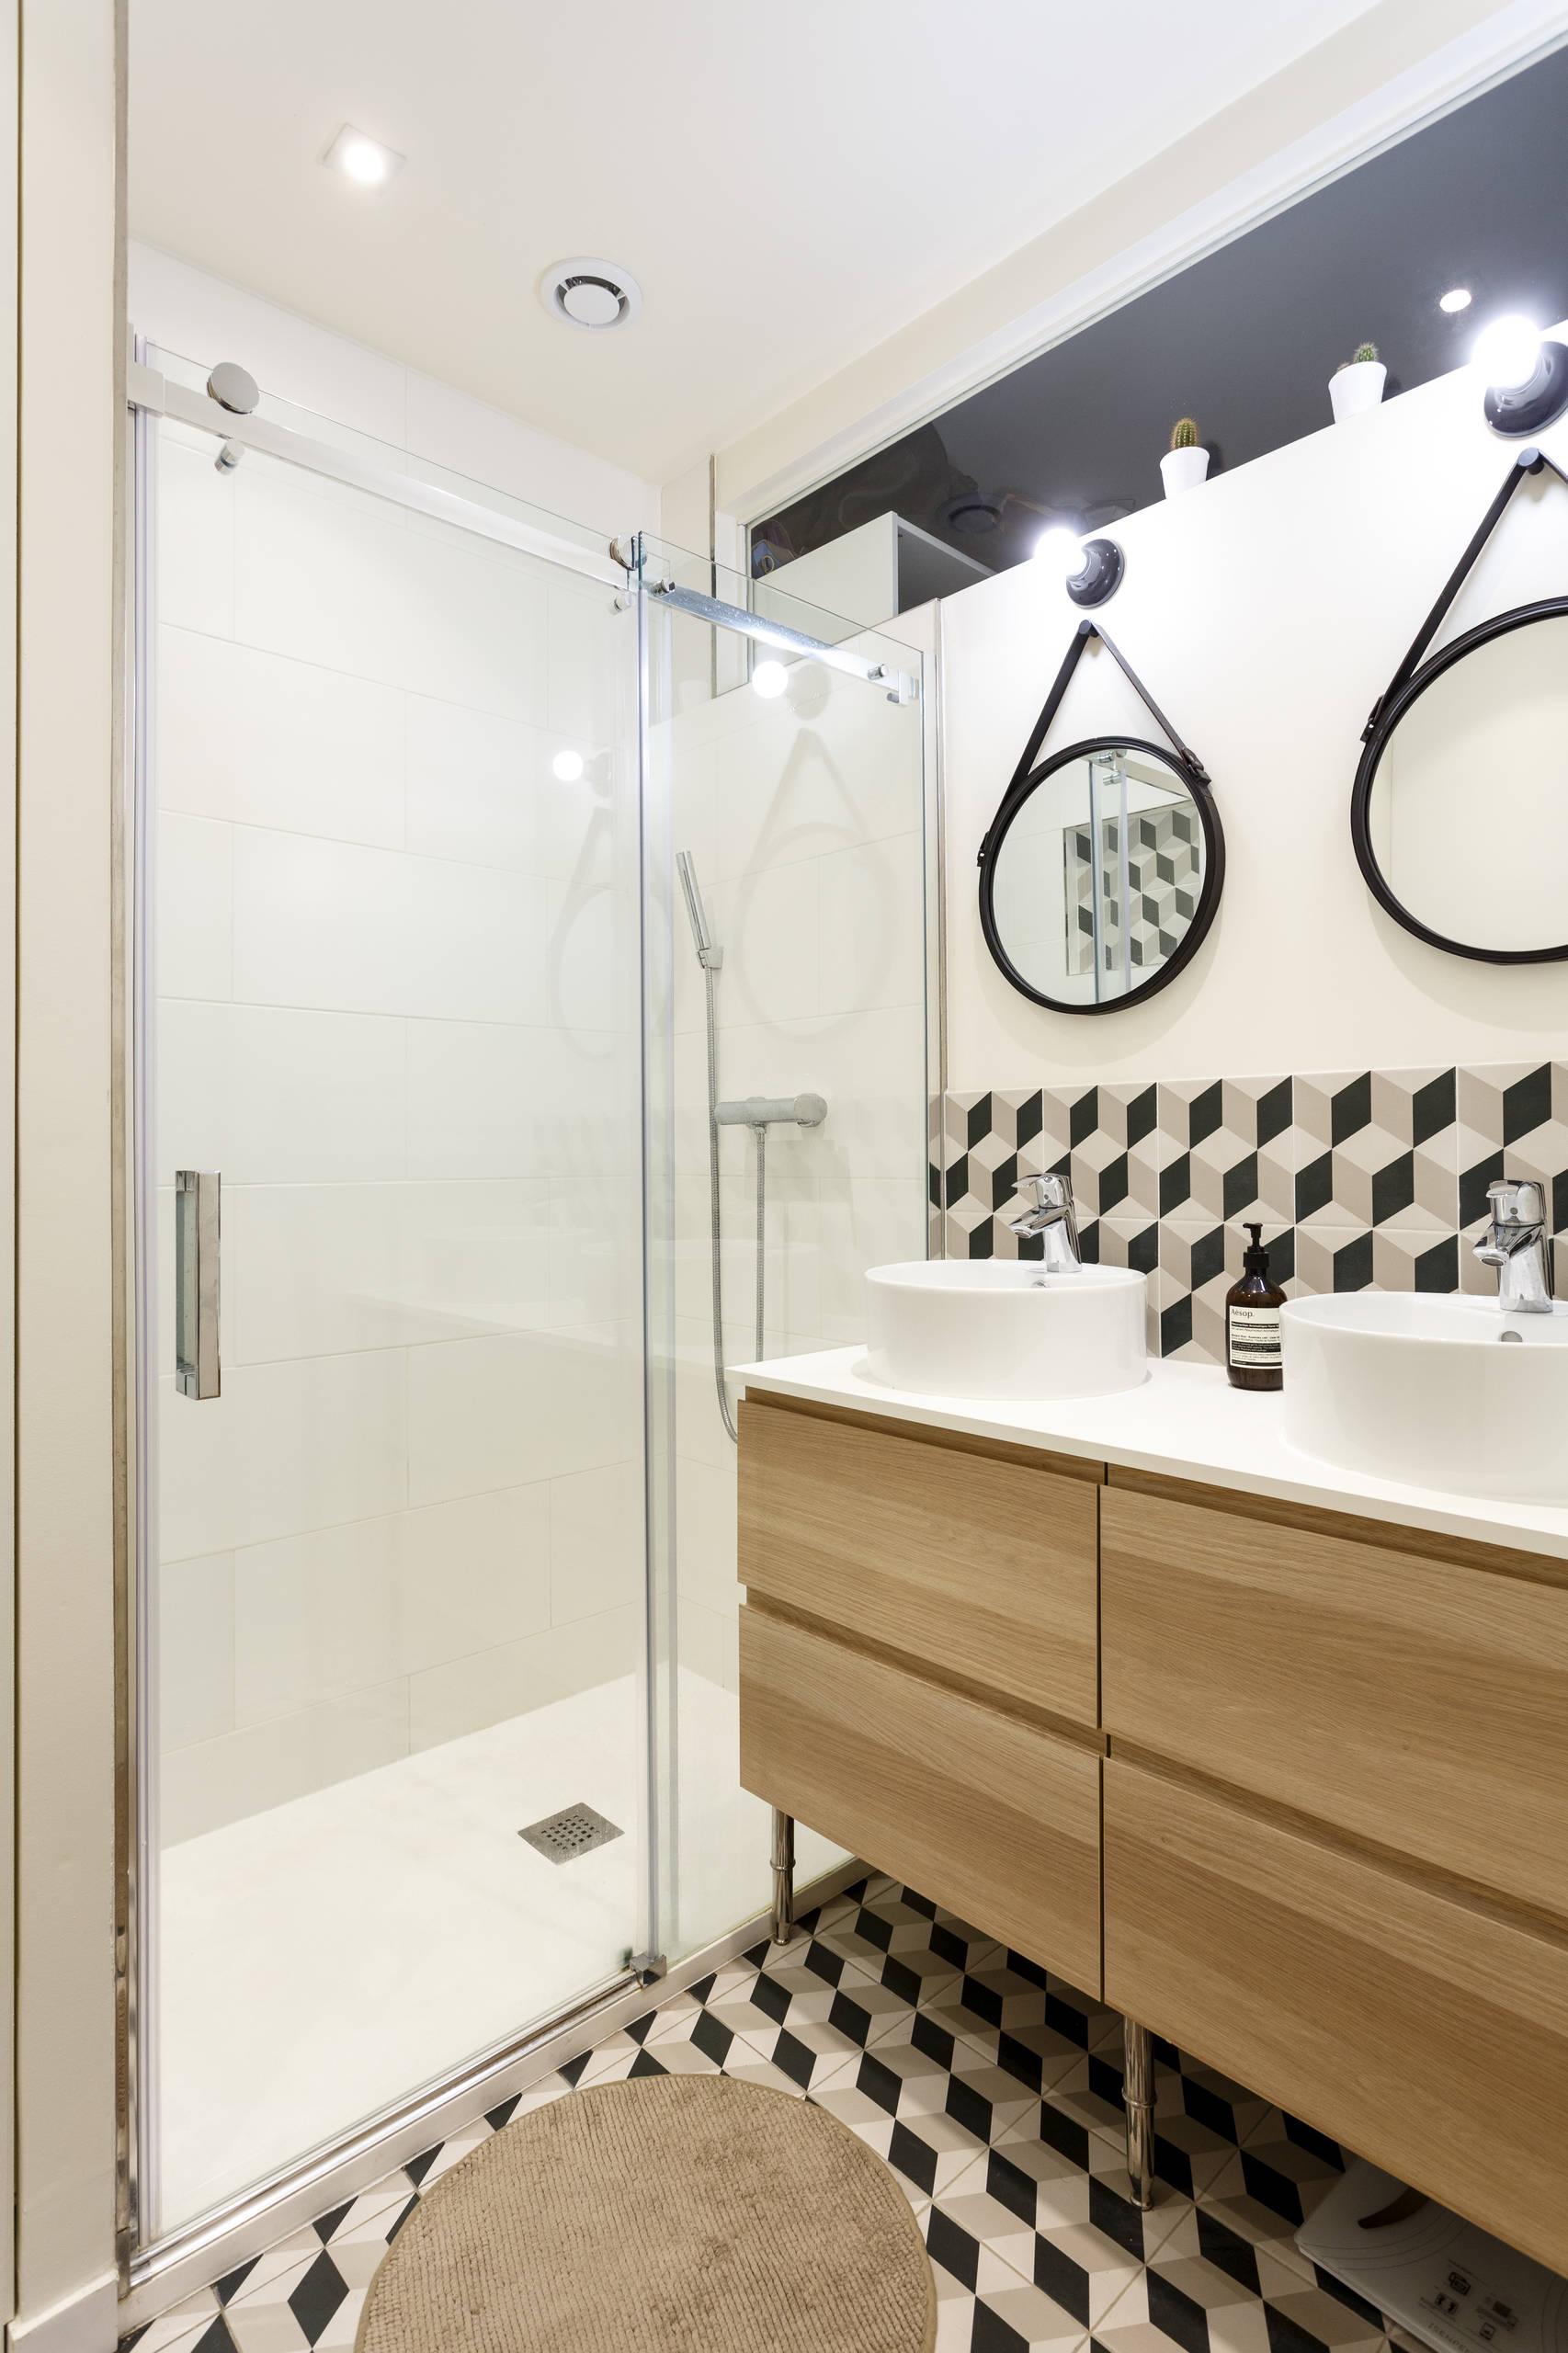 Un puit de lumière dans la salle de bain